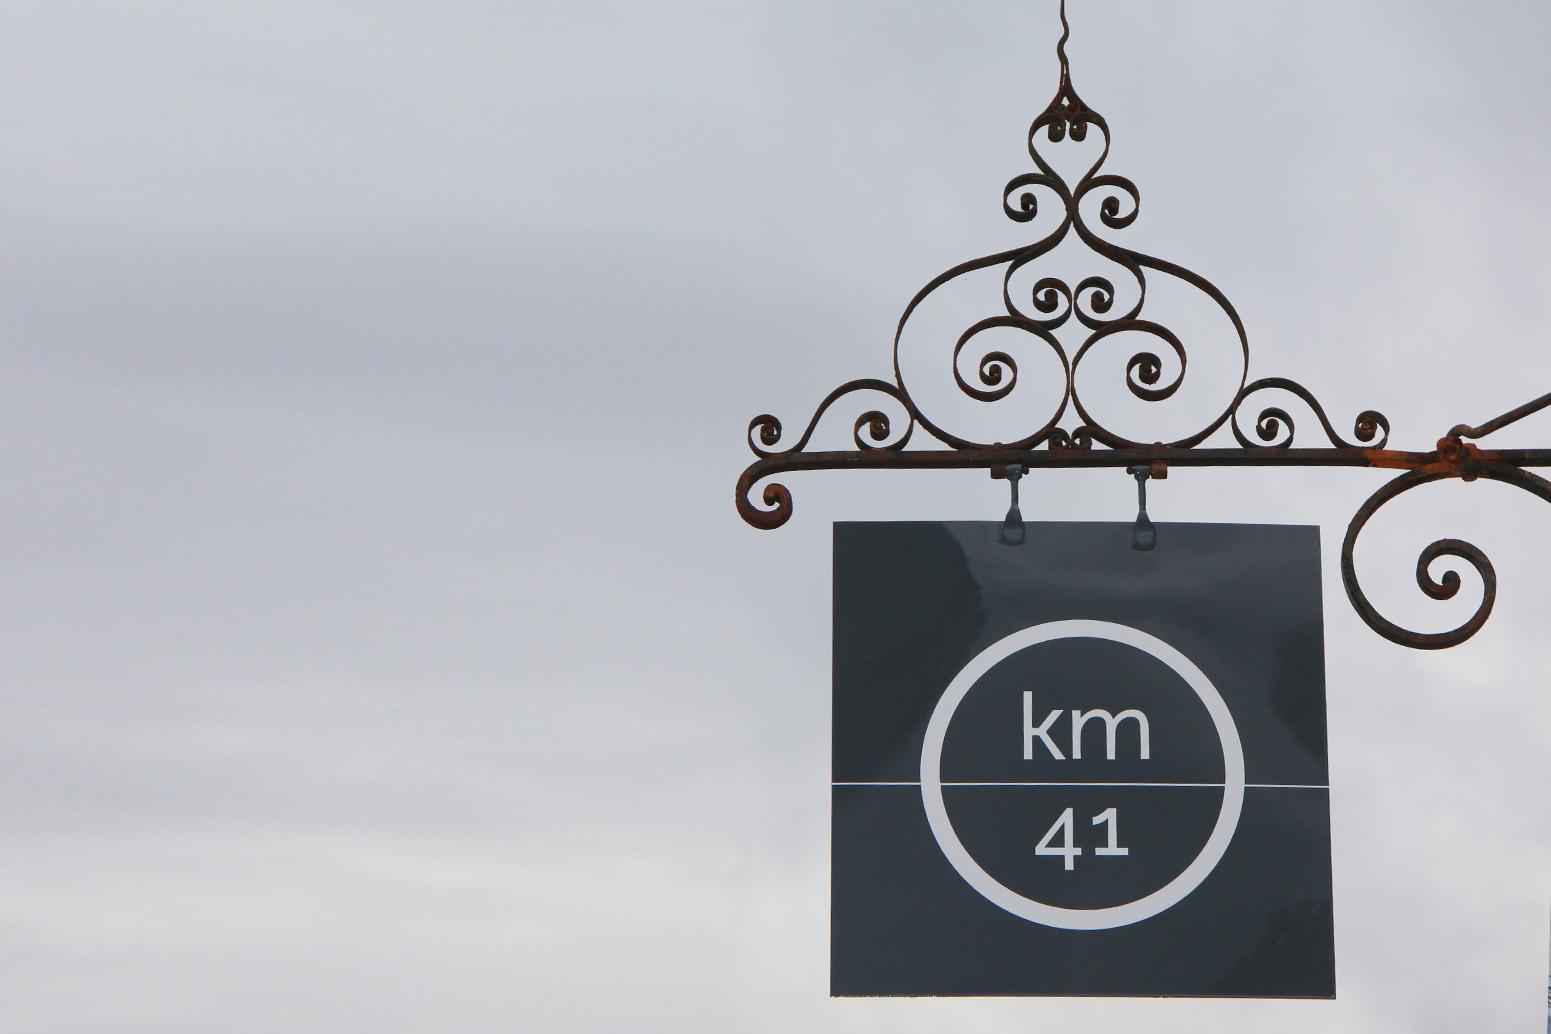 hôtel cosy Chaumont-sur-Tharonne, hébergement familial et charmant en Sologne, décoré avec goût